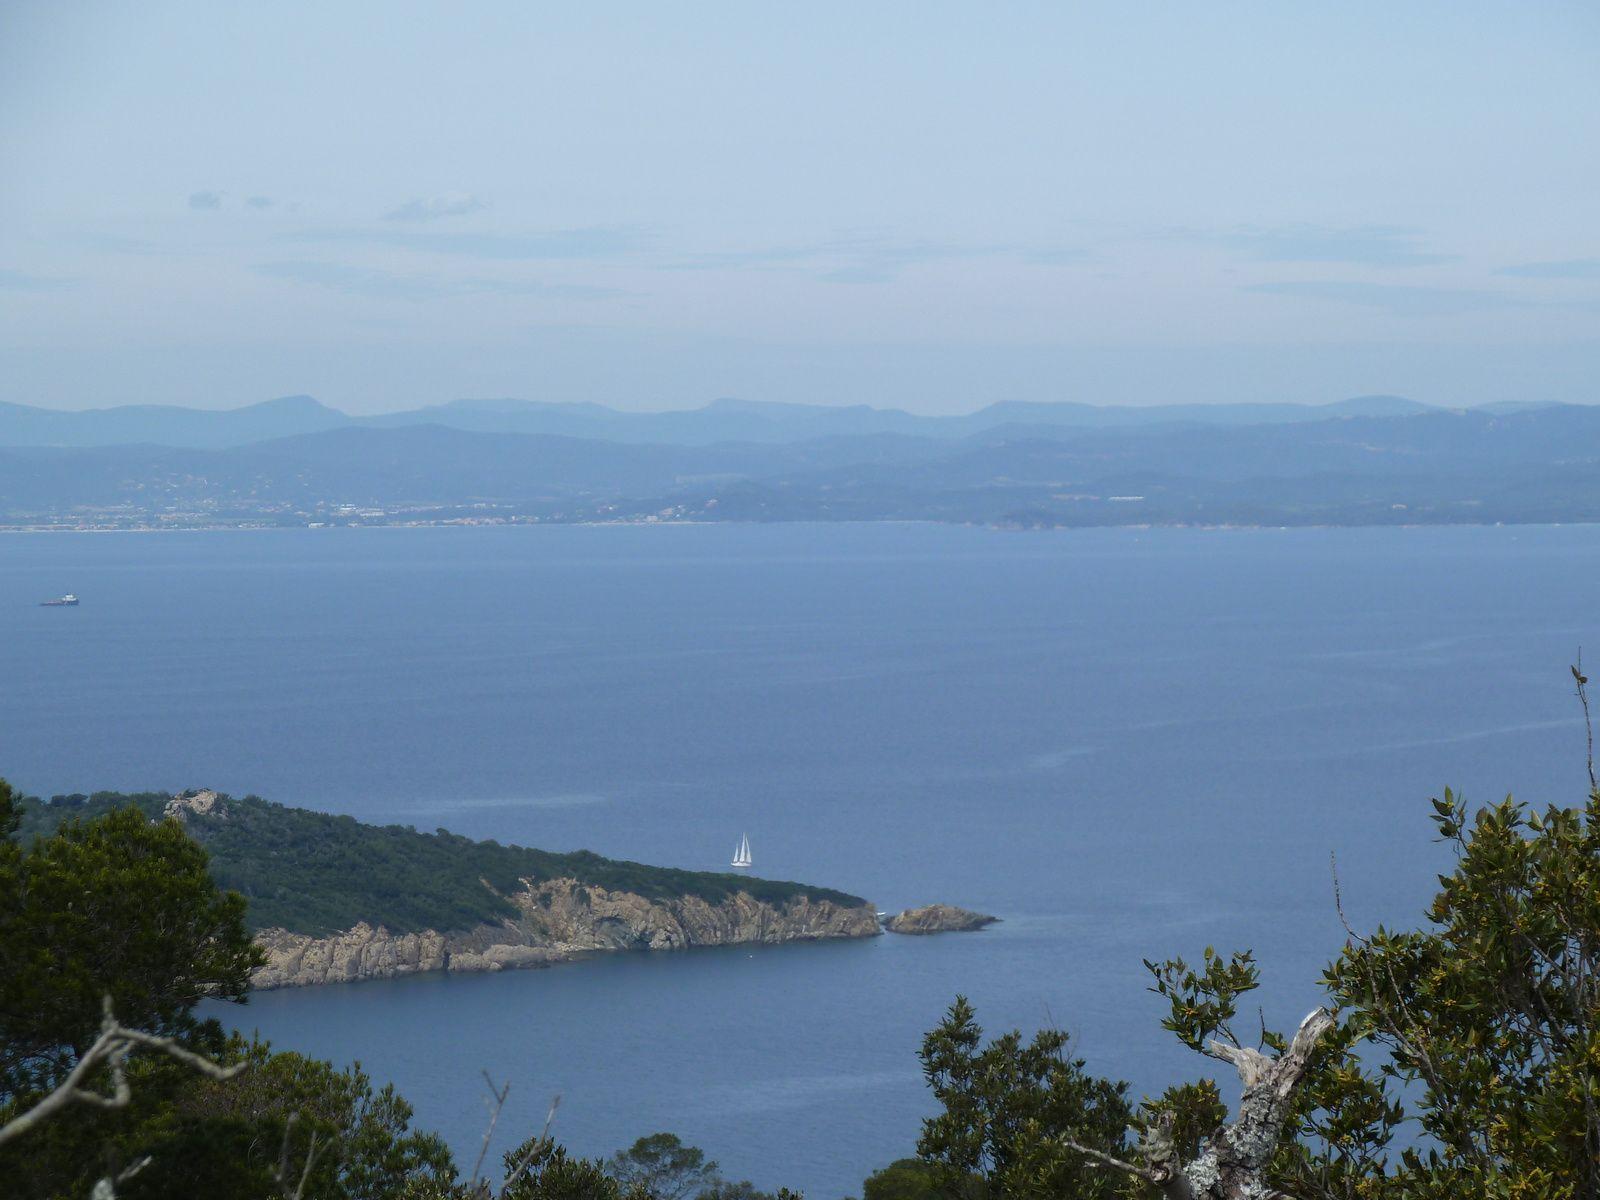 Le Mont Vinaigre à 194 mètres d'altitude considéré comme le point culminant de l'île.